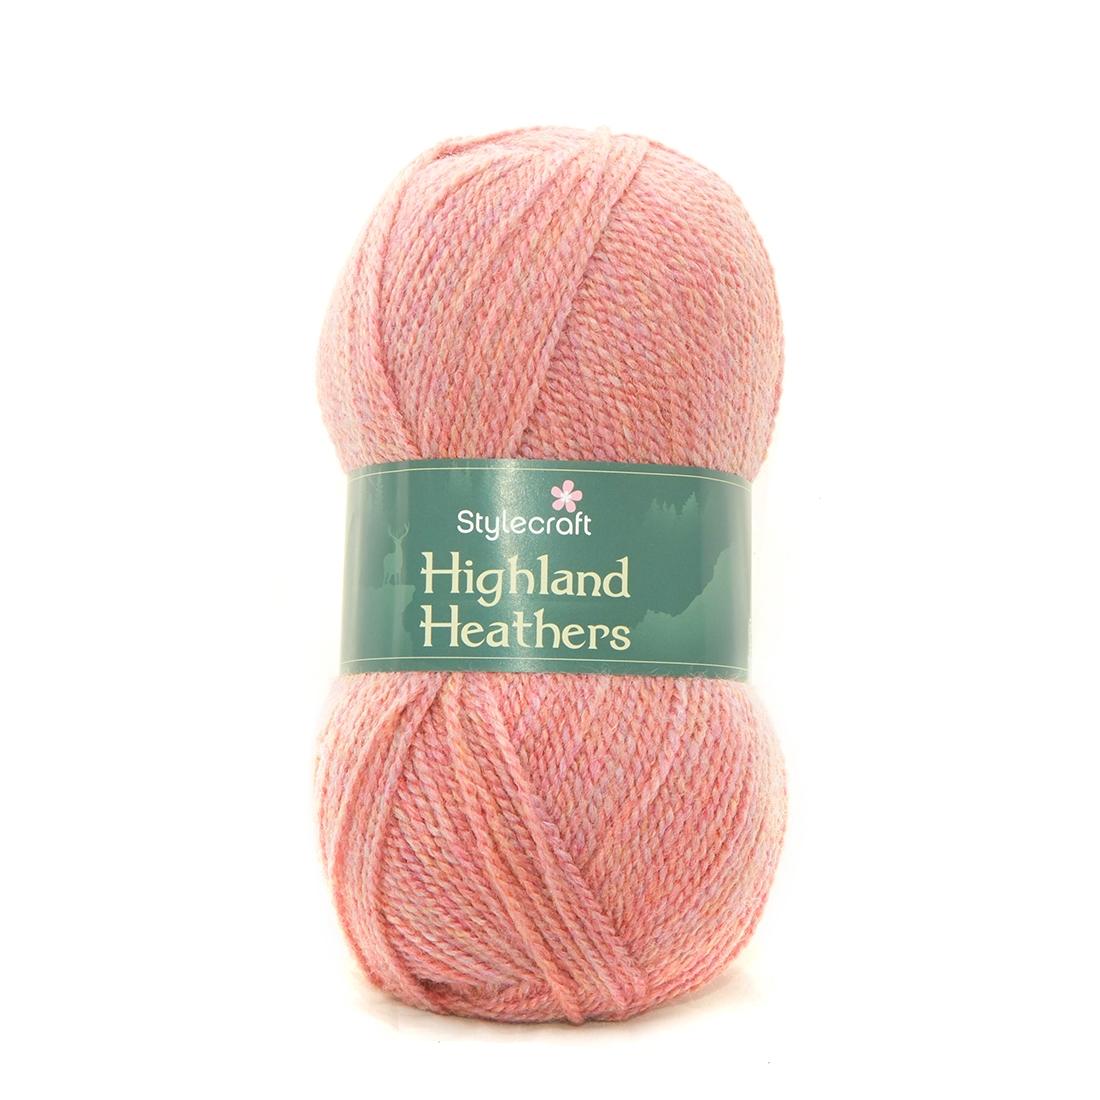 Stylecraft Highland Heathers Wild Salmon 3745